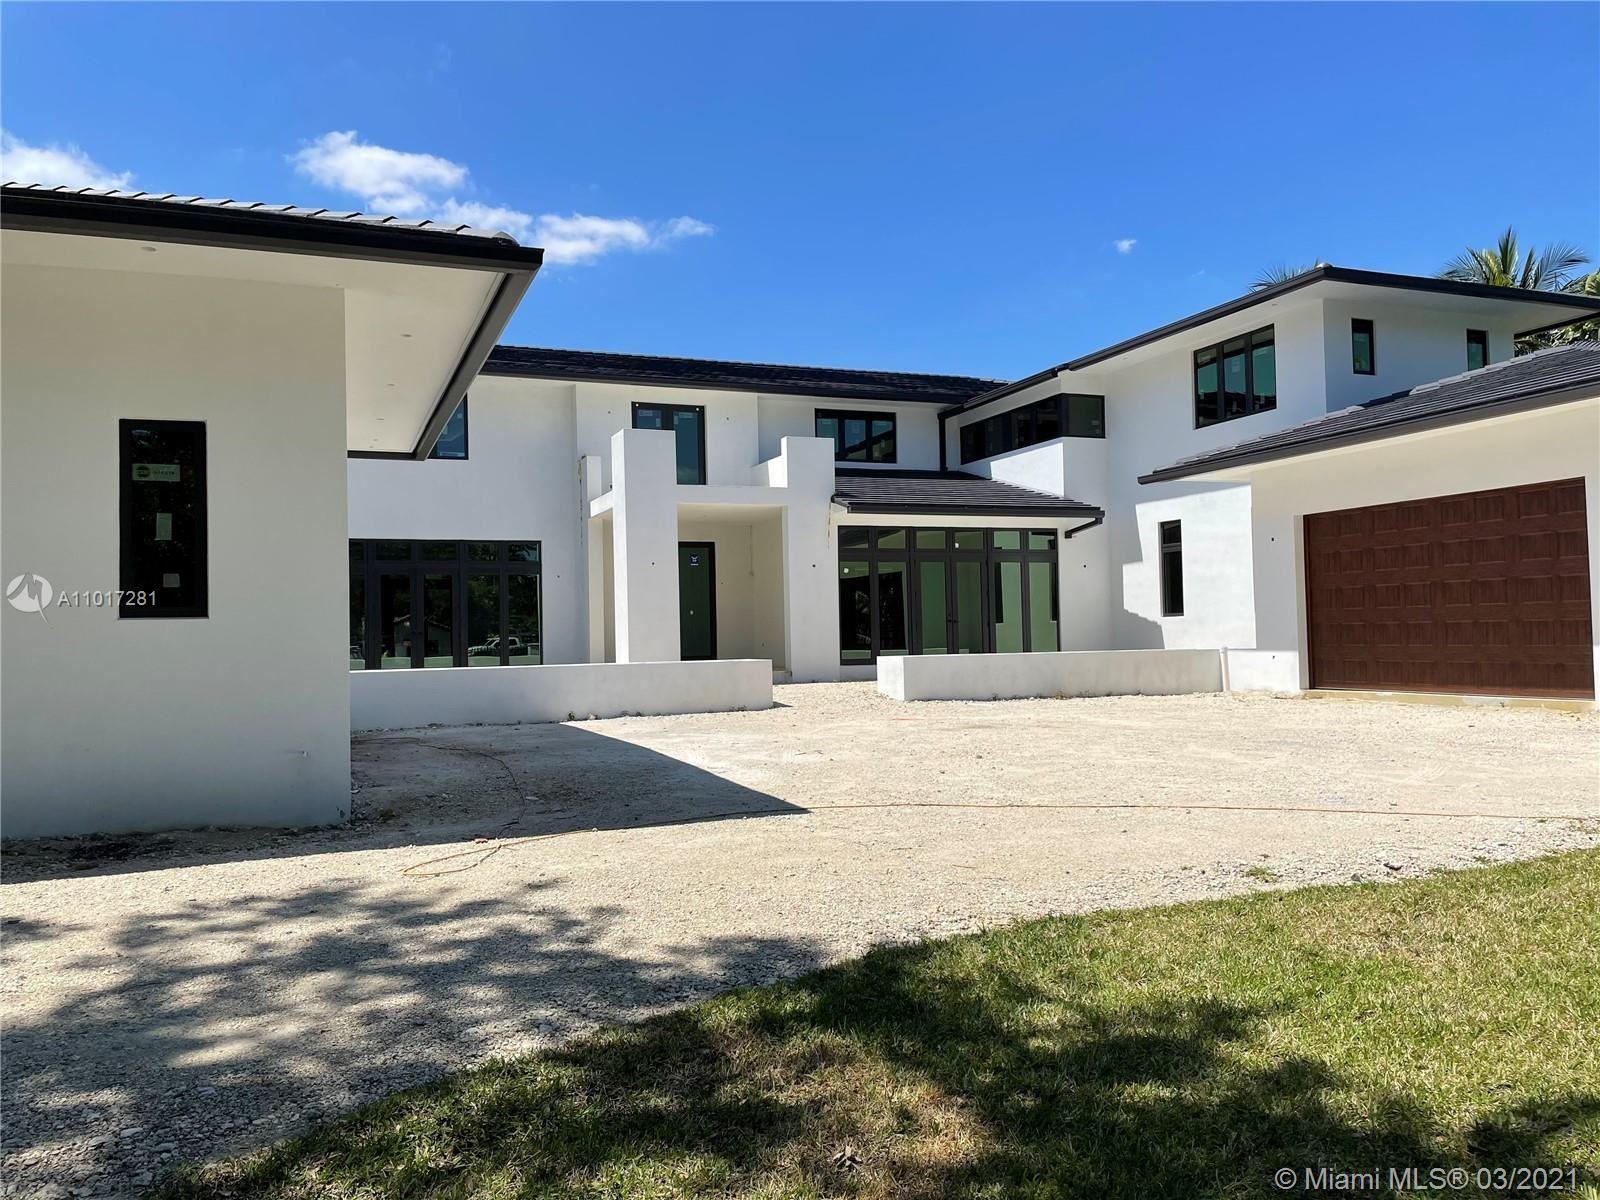 4424 Granada Blvd, Coral Gables, FL 33146 - #: A11017281